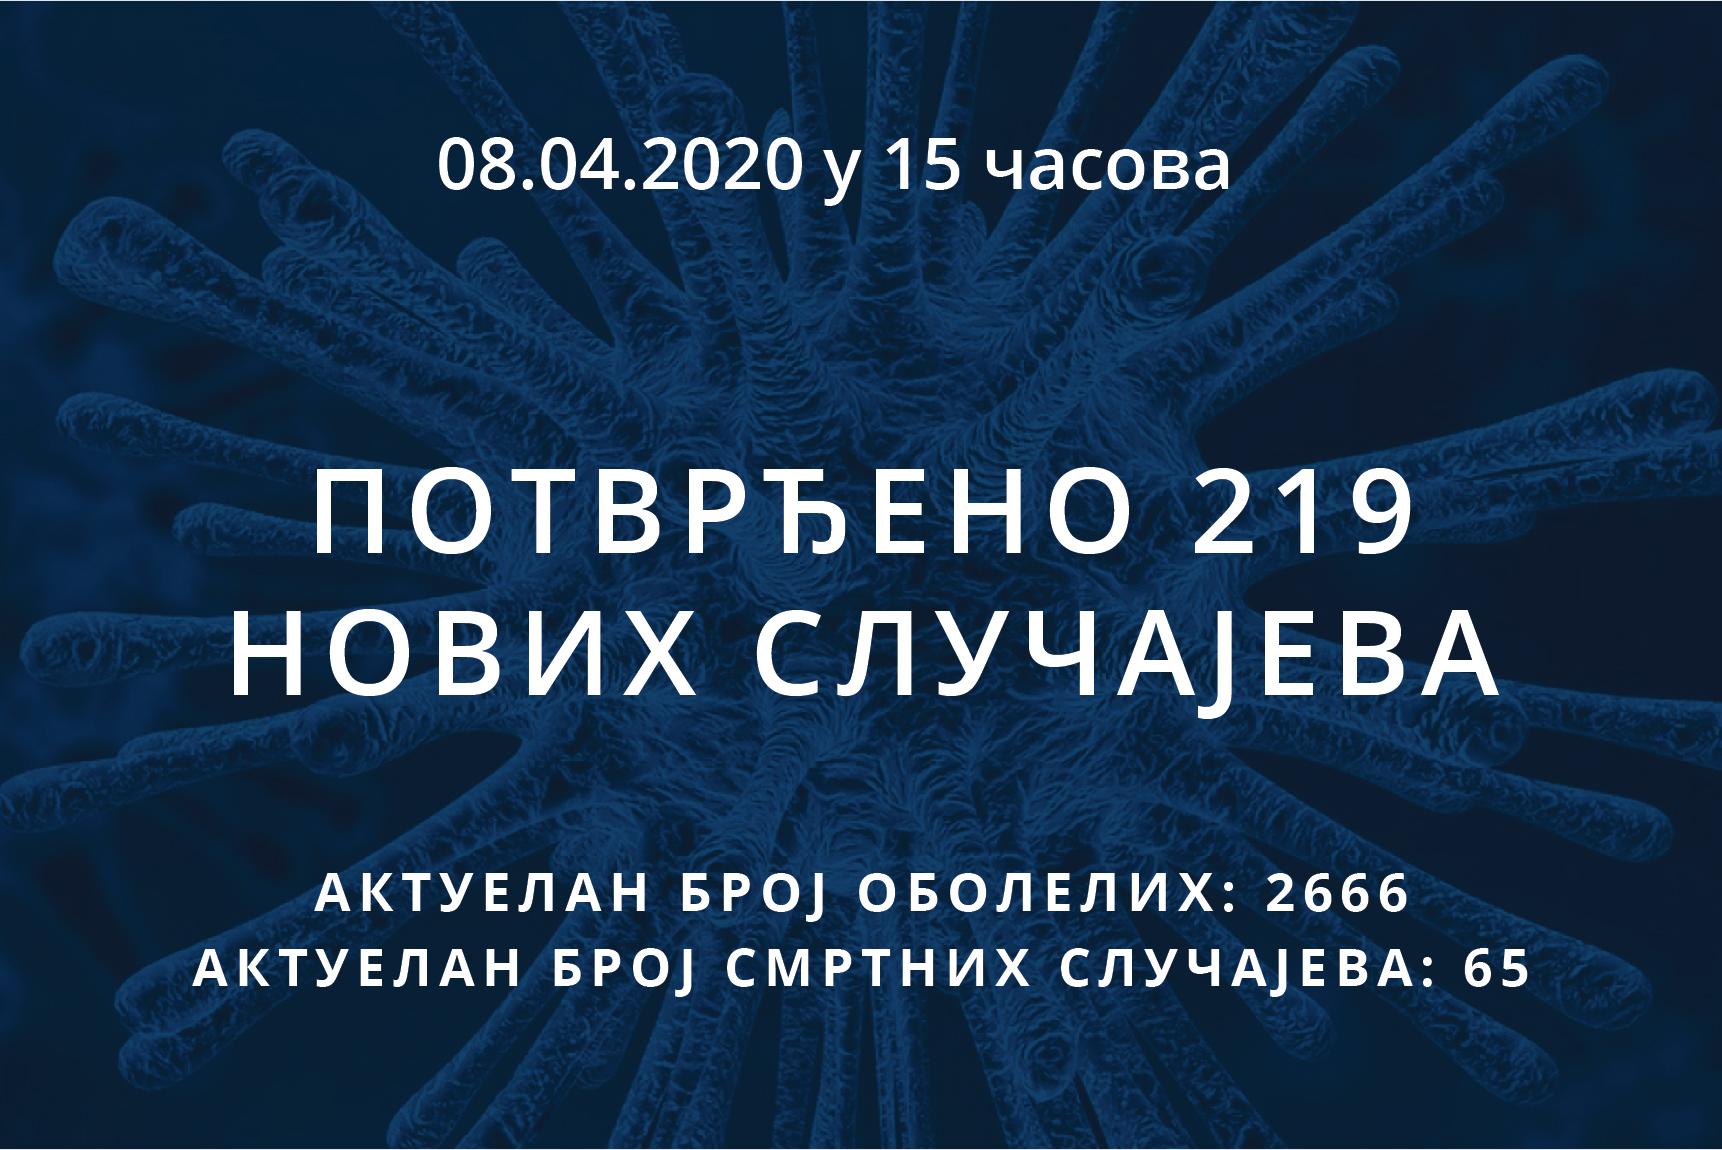 Информације о корона вирусу COVID-19, 08.04.2020 у 15 часова